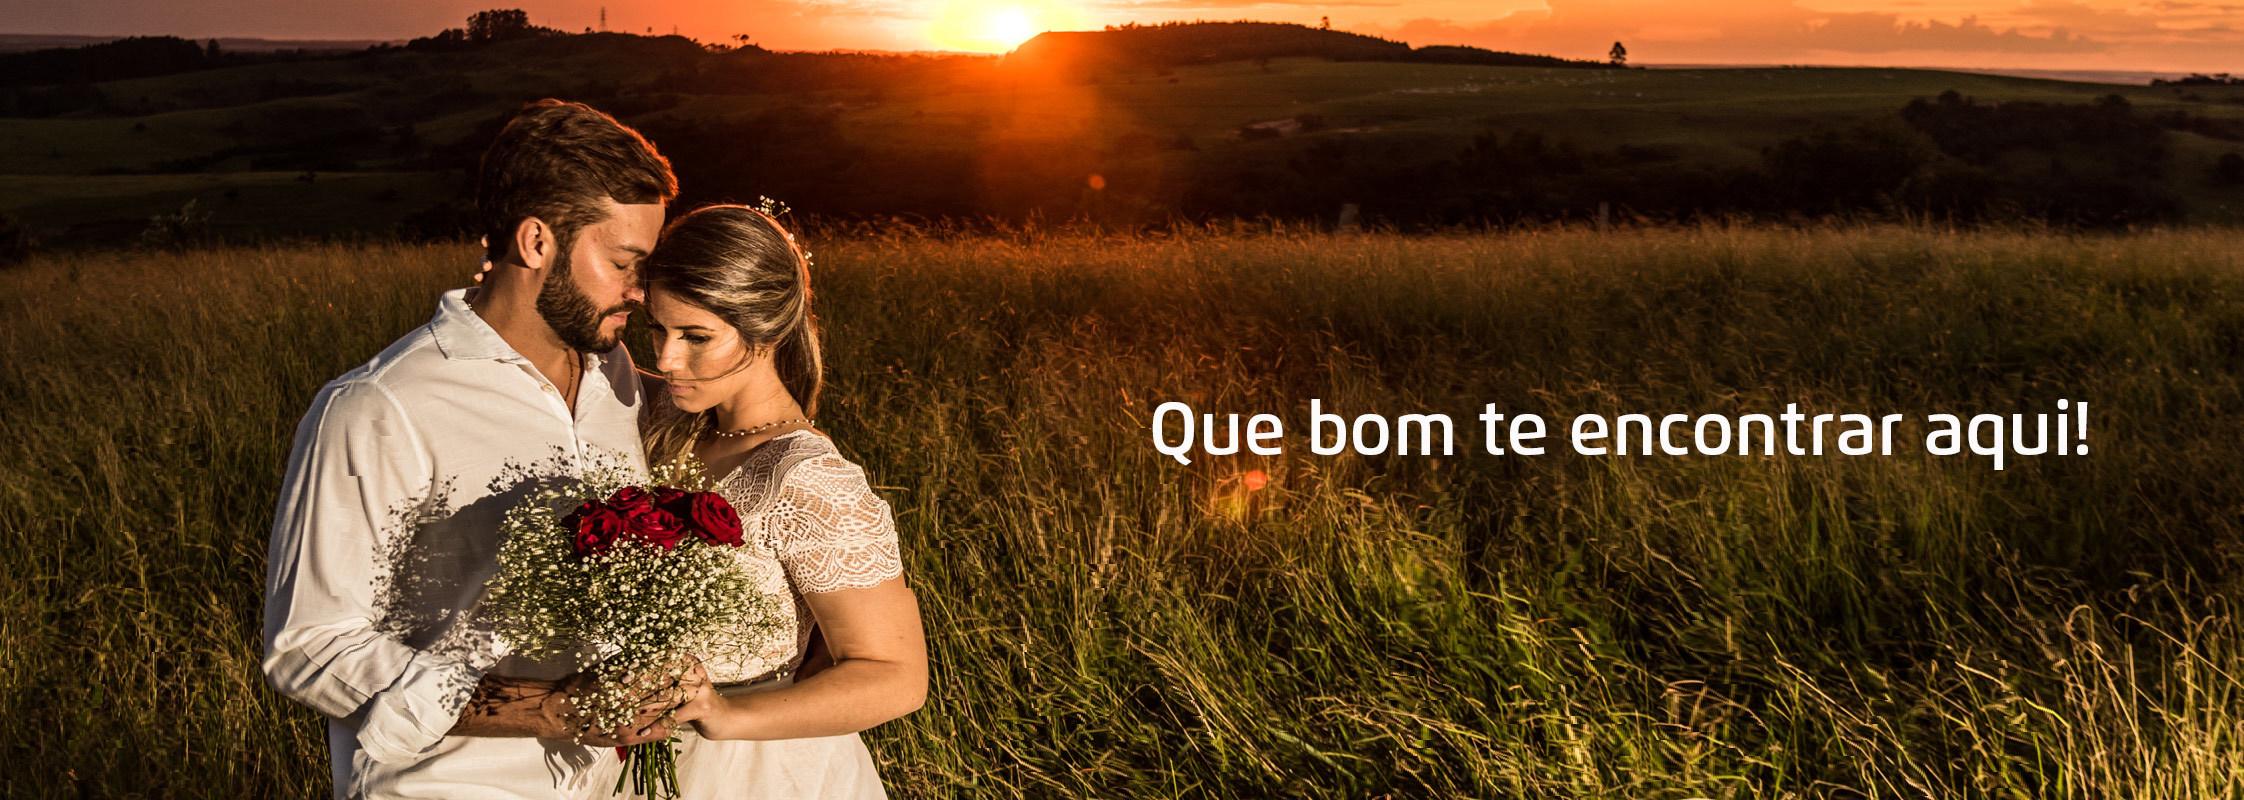 Contate MHZ Photo Studio - Fotografo de Casamento e Produtos - Piracicaba SP